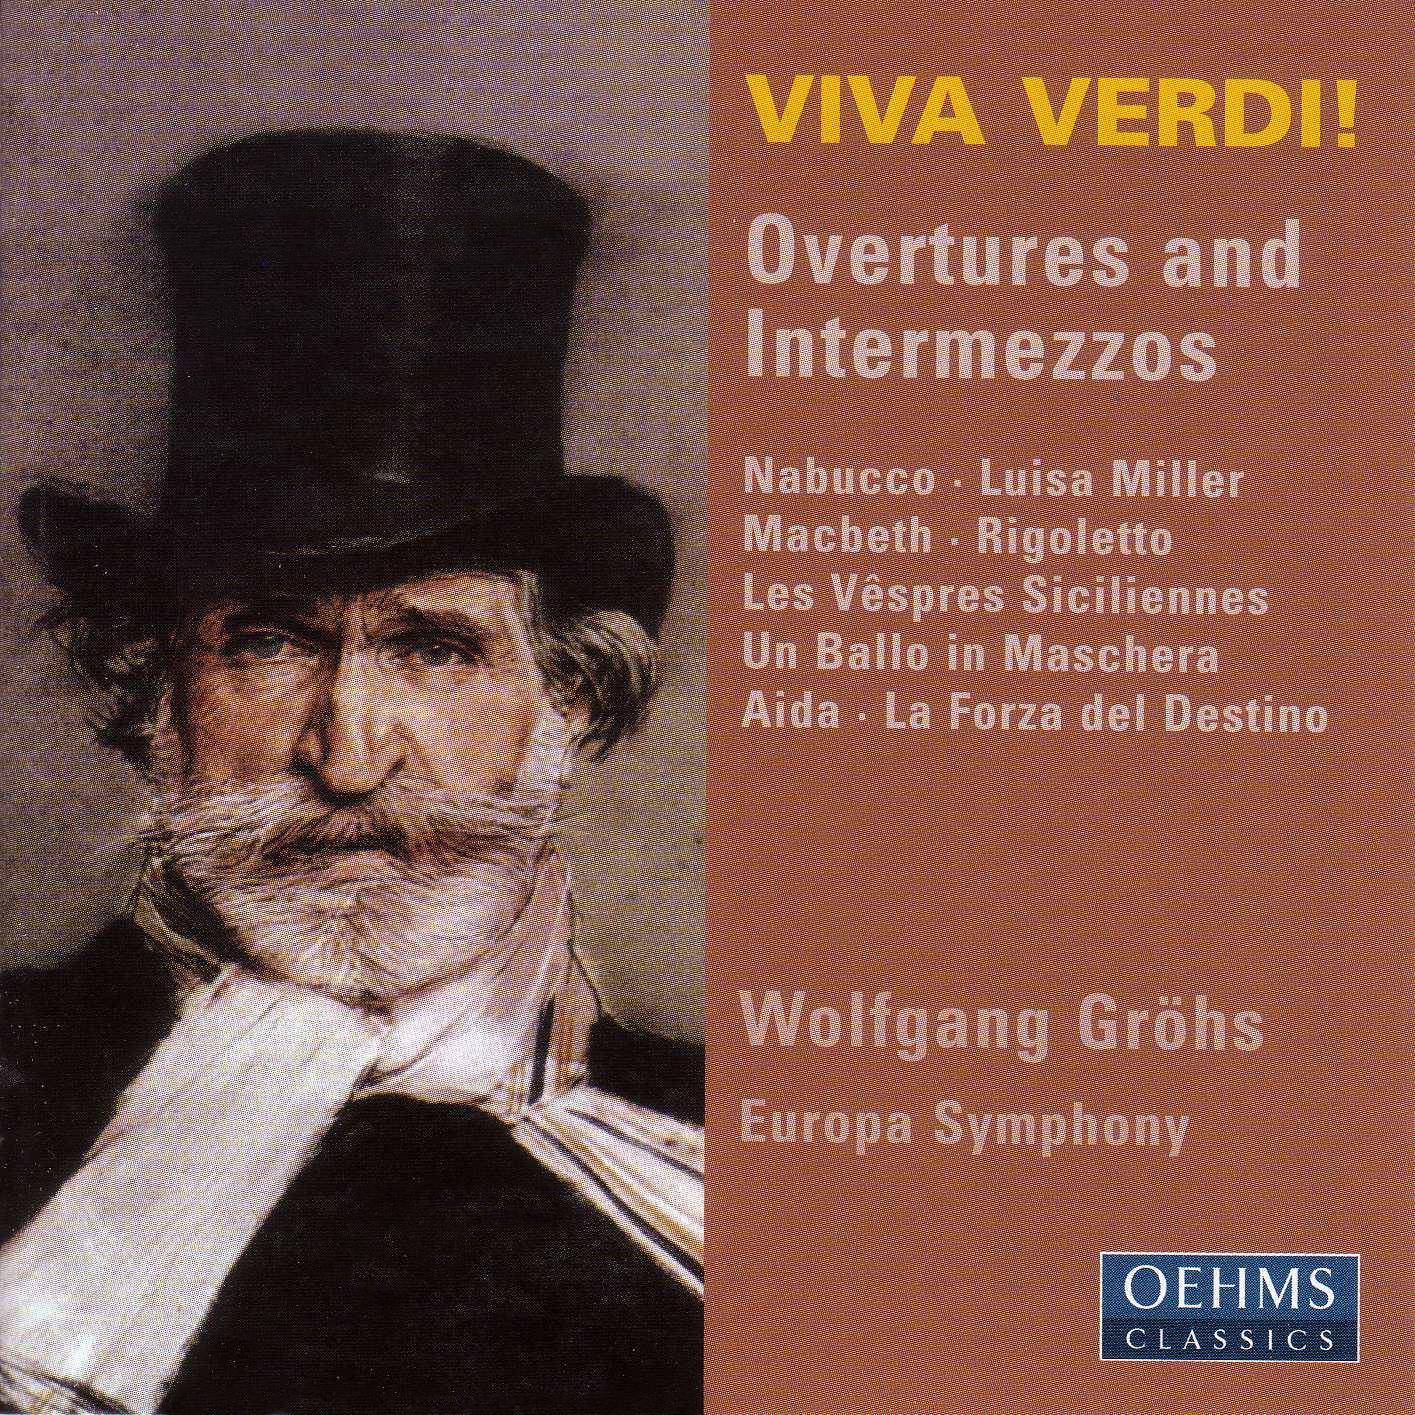 Verdi: Overtures